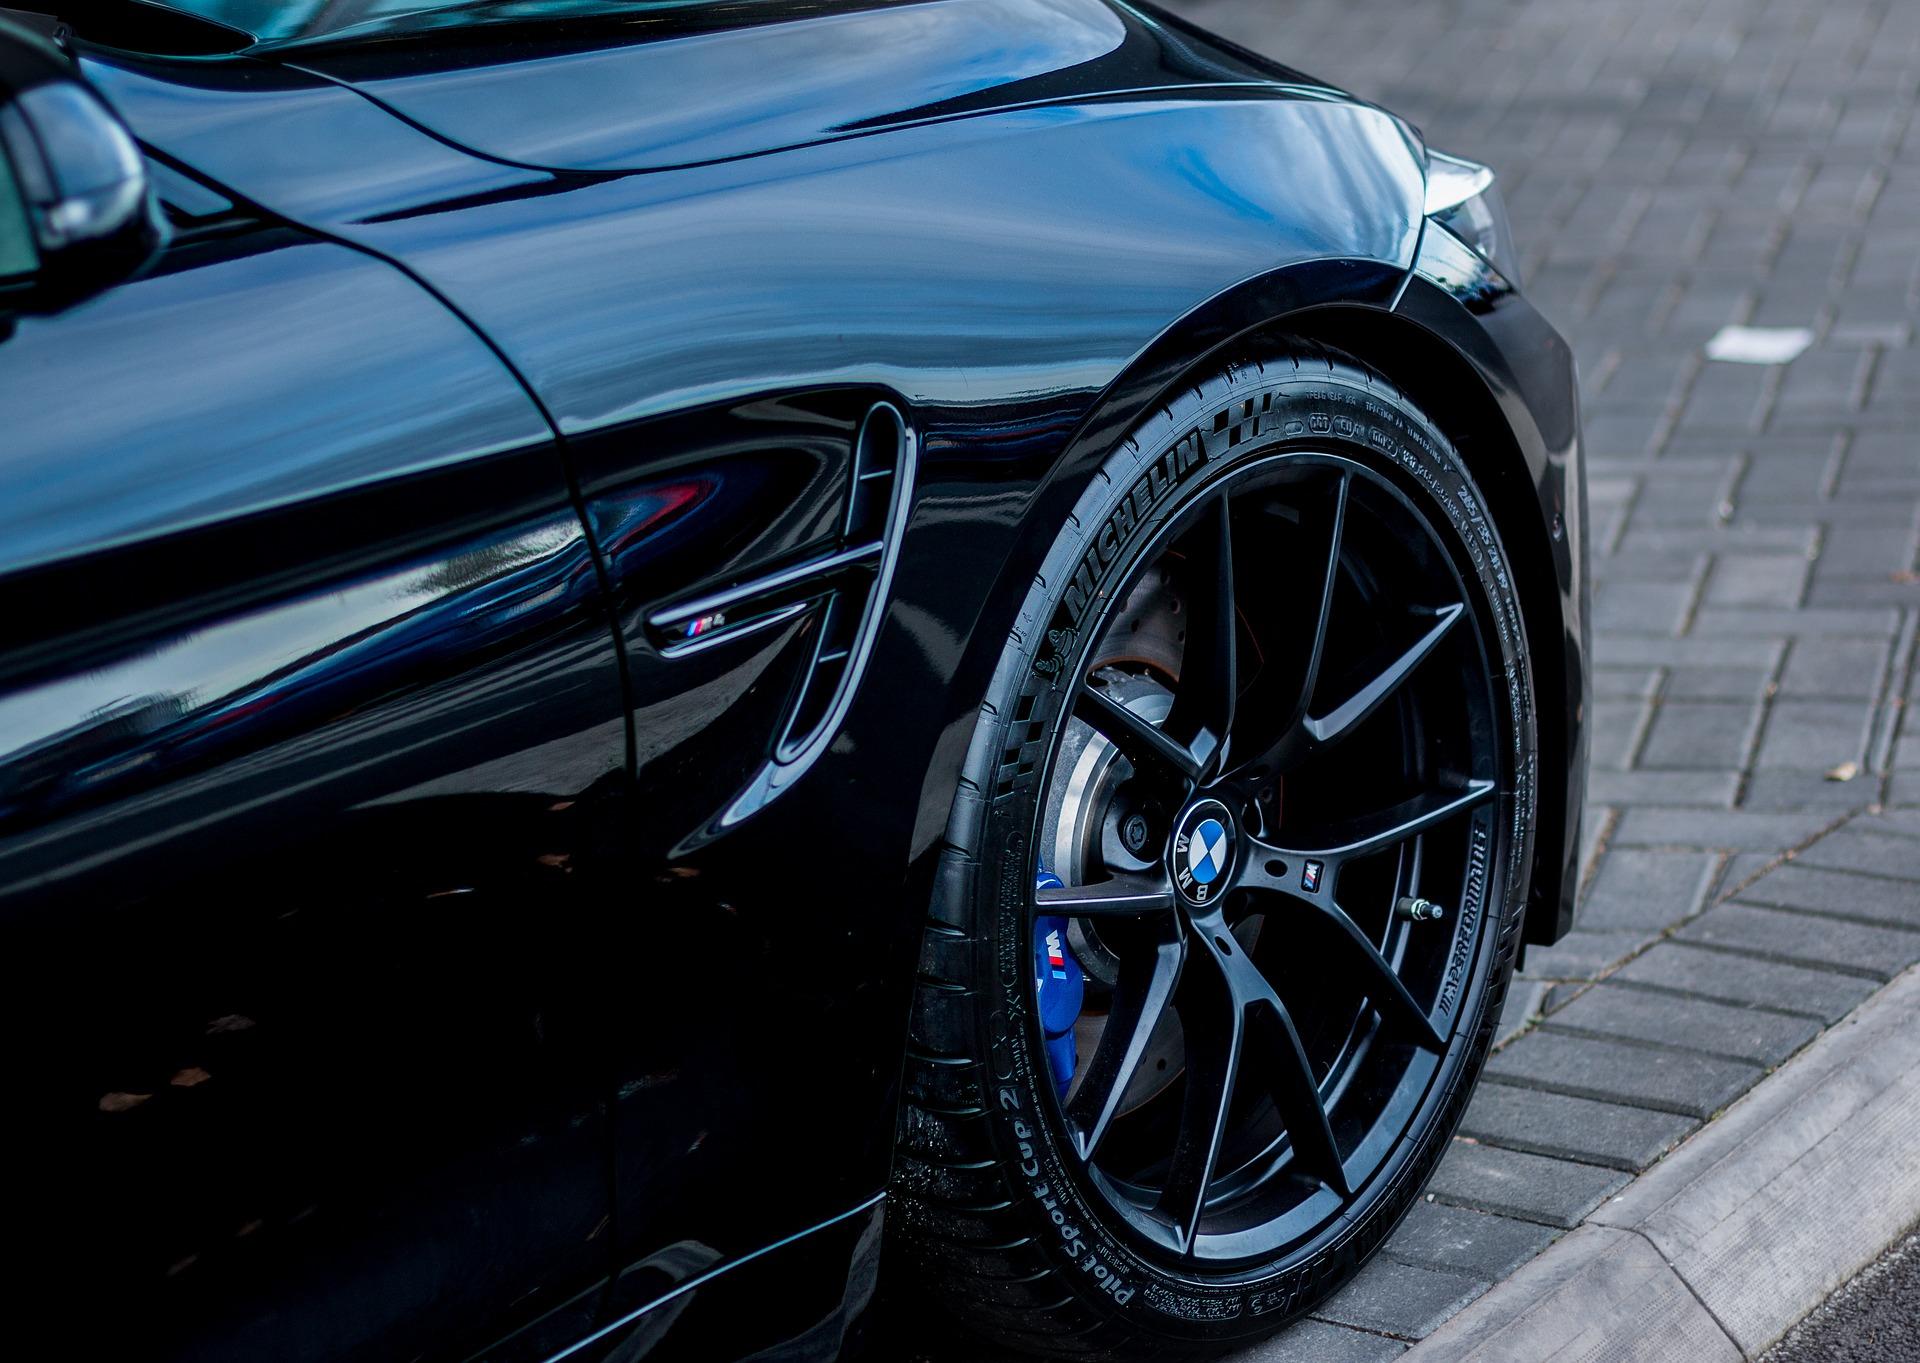 Egyéb felnit keres BMW autójához? Alufelni garnitúra BMW 3 5 7 X1 X2 X3 X5